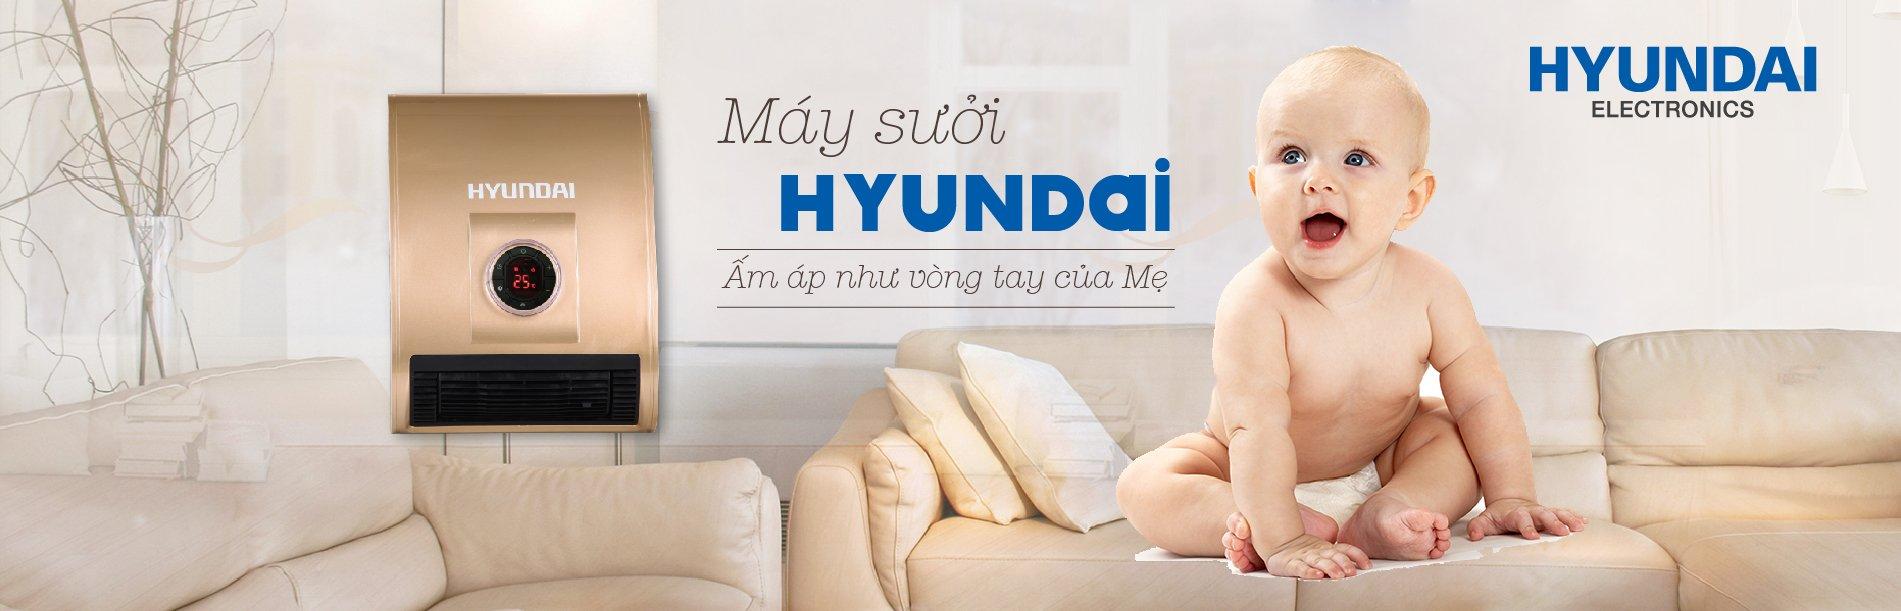 banner_maysuoi